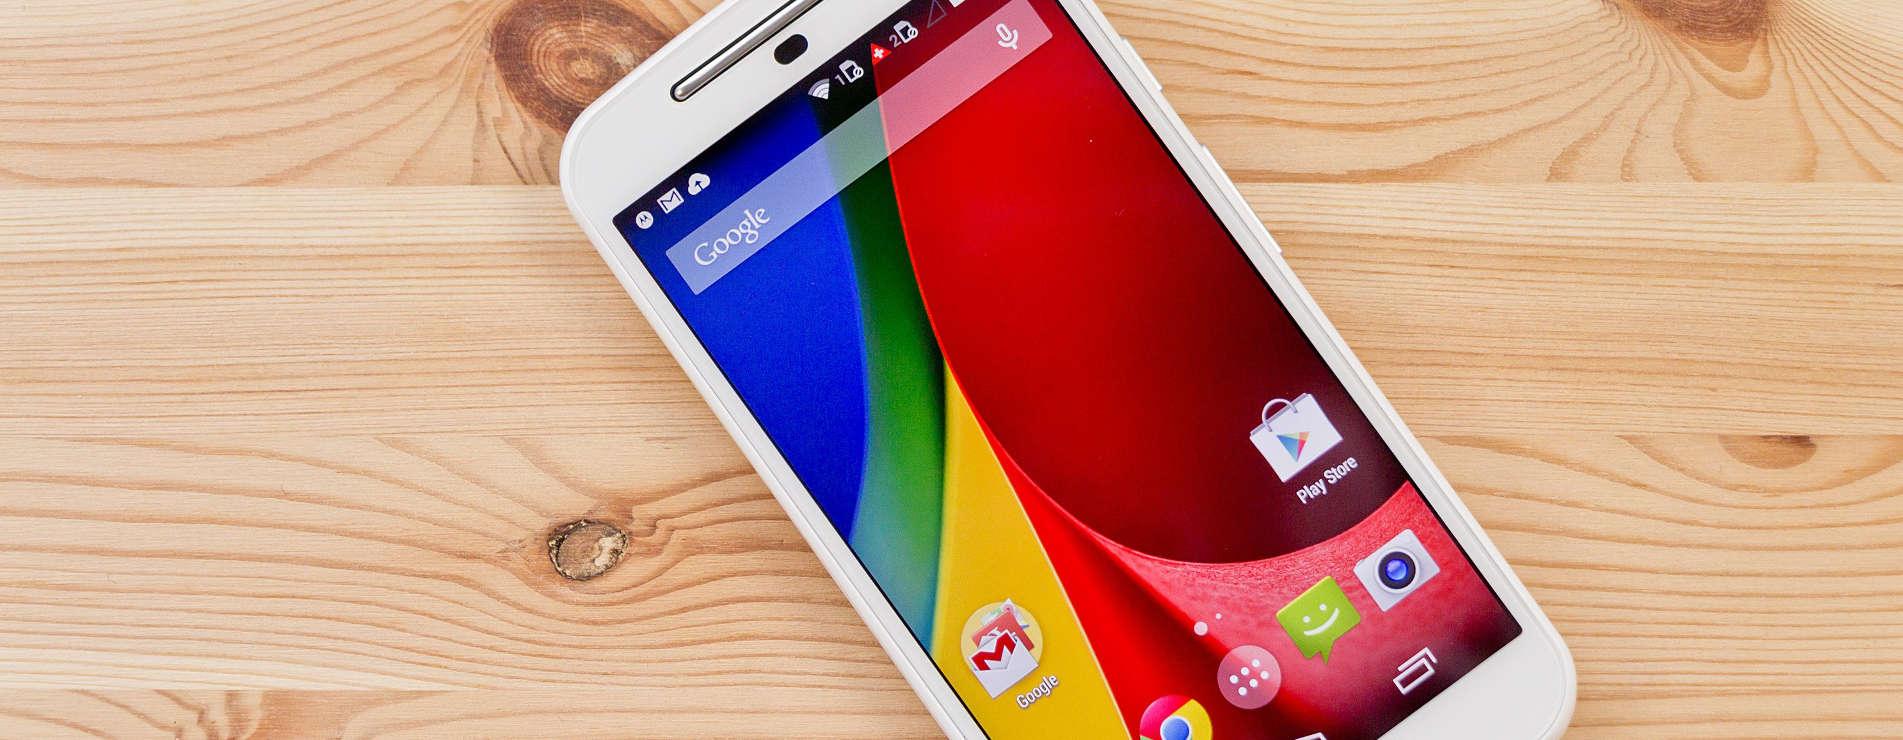 Новинки Lenovo 2017: смартфоны Moto G5 и Moto G5 Plus